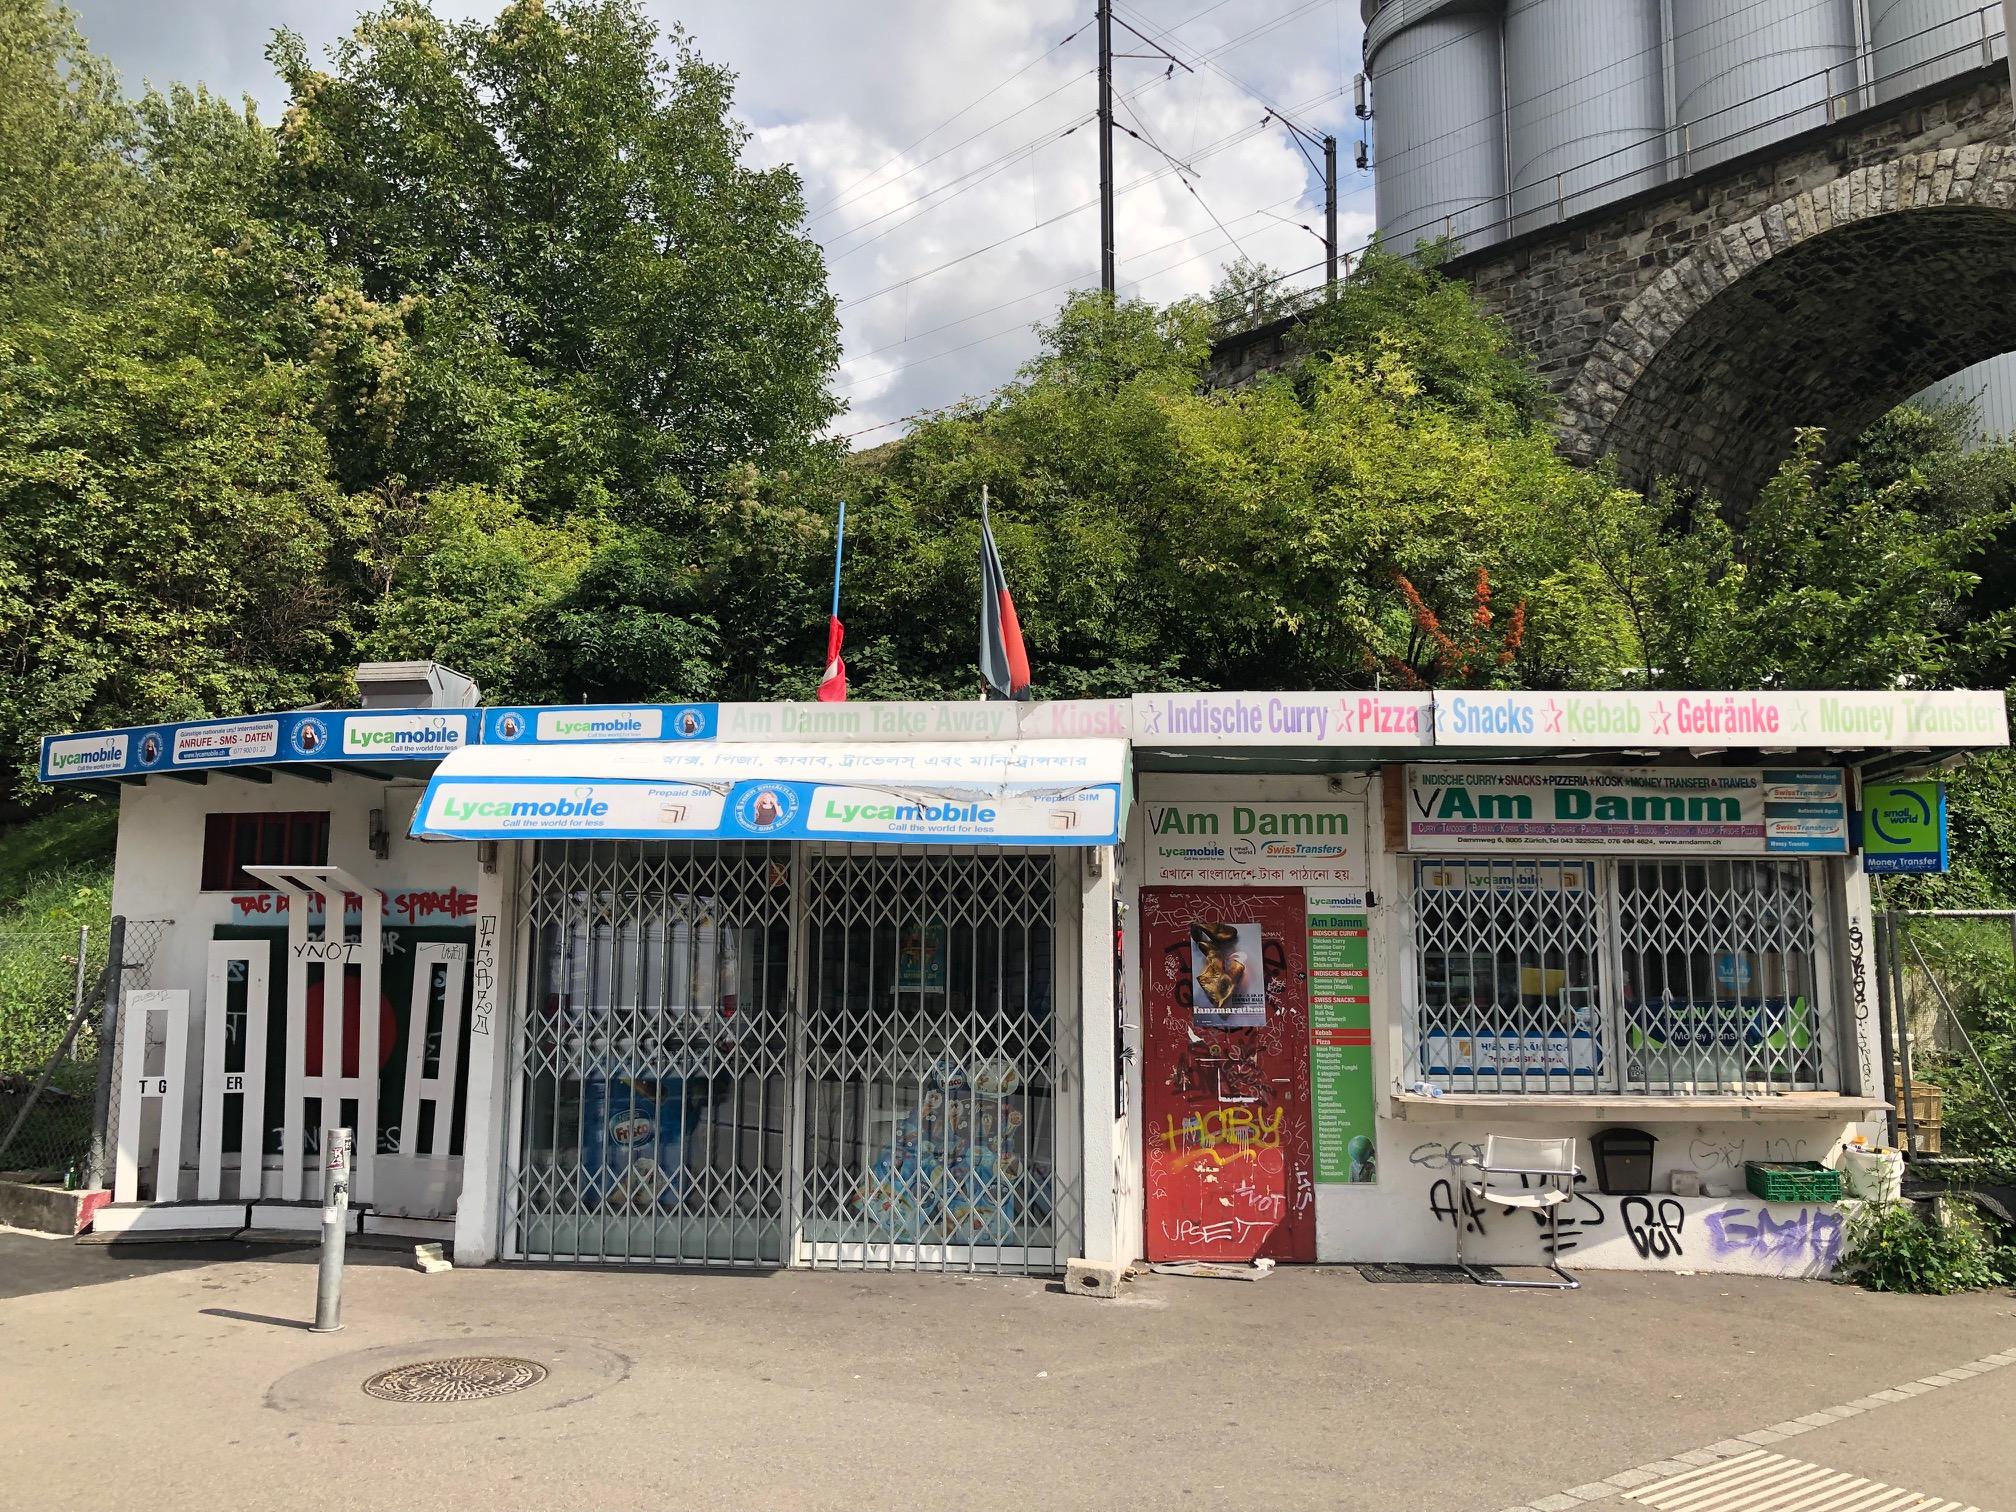 Wish Abholstandort in Zürich: Schellimbiss am Dammweg an der Limmatstrasse, vis-à-vis Markthalle Viadukt